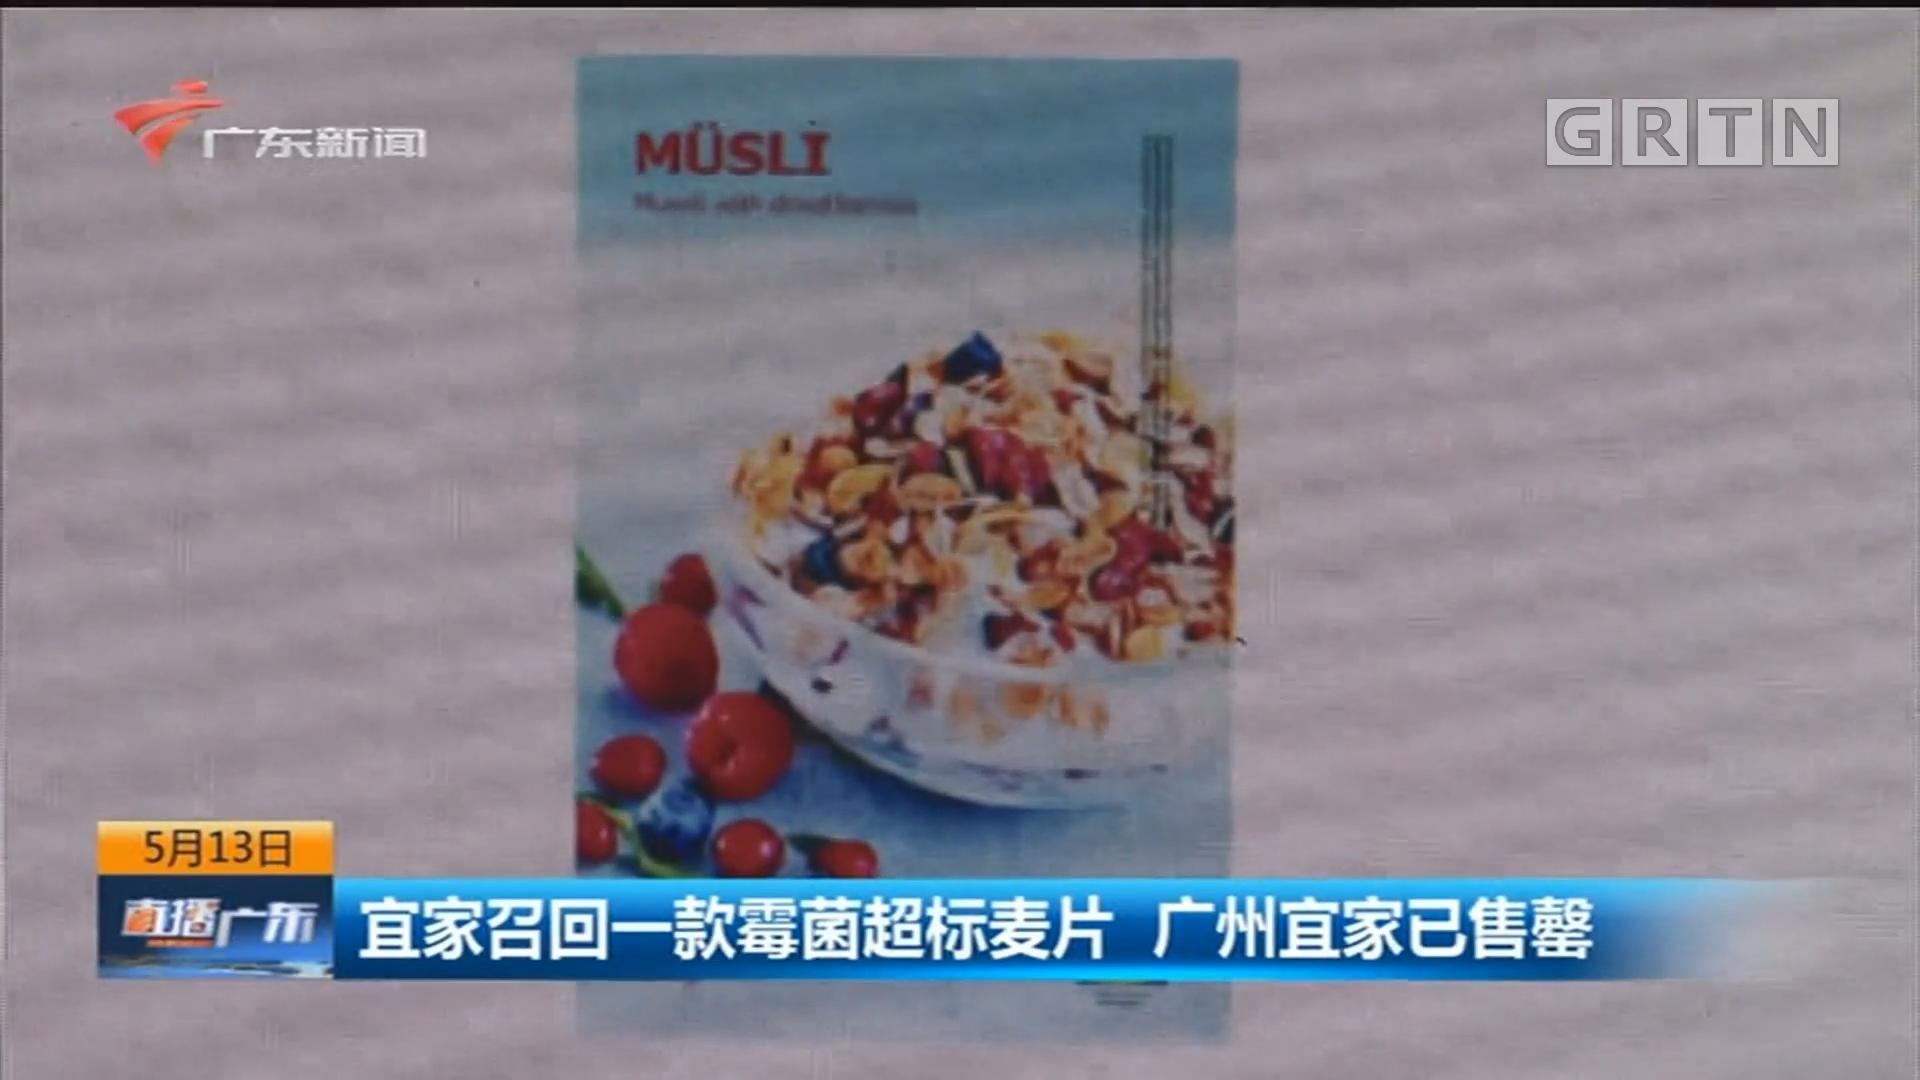 宜家召回一款霉菌超标麦片 广州宜家已售罄